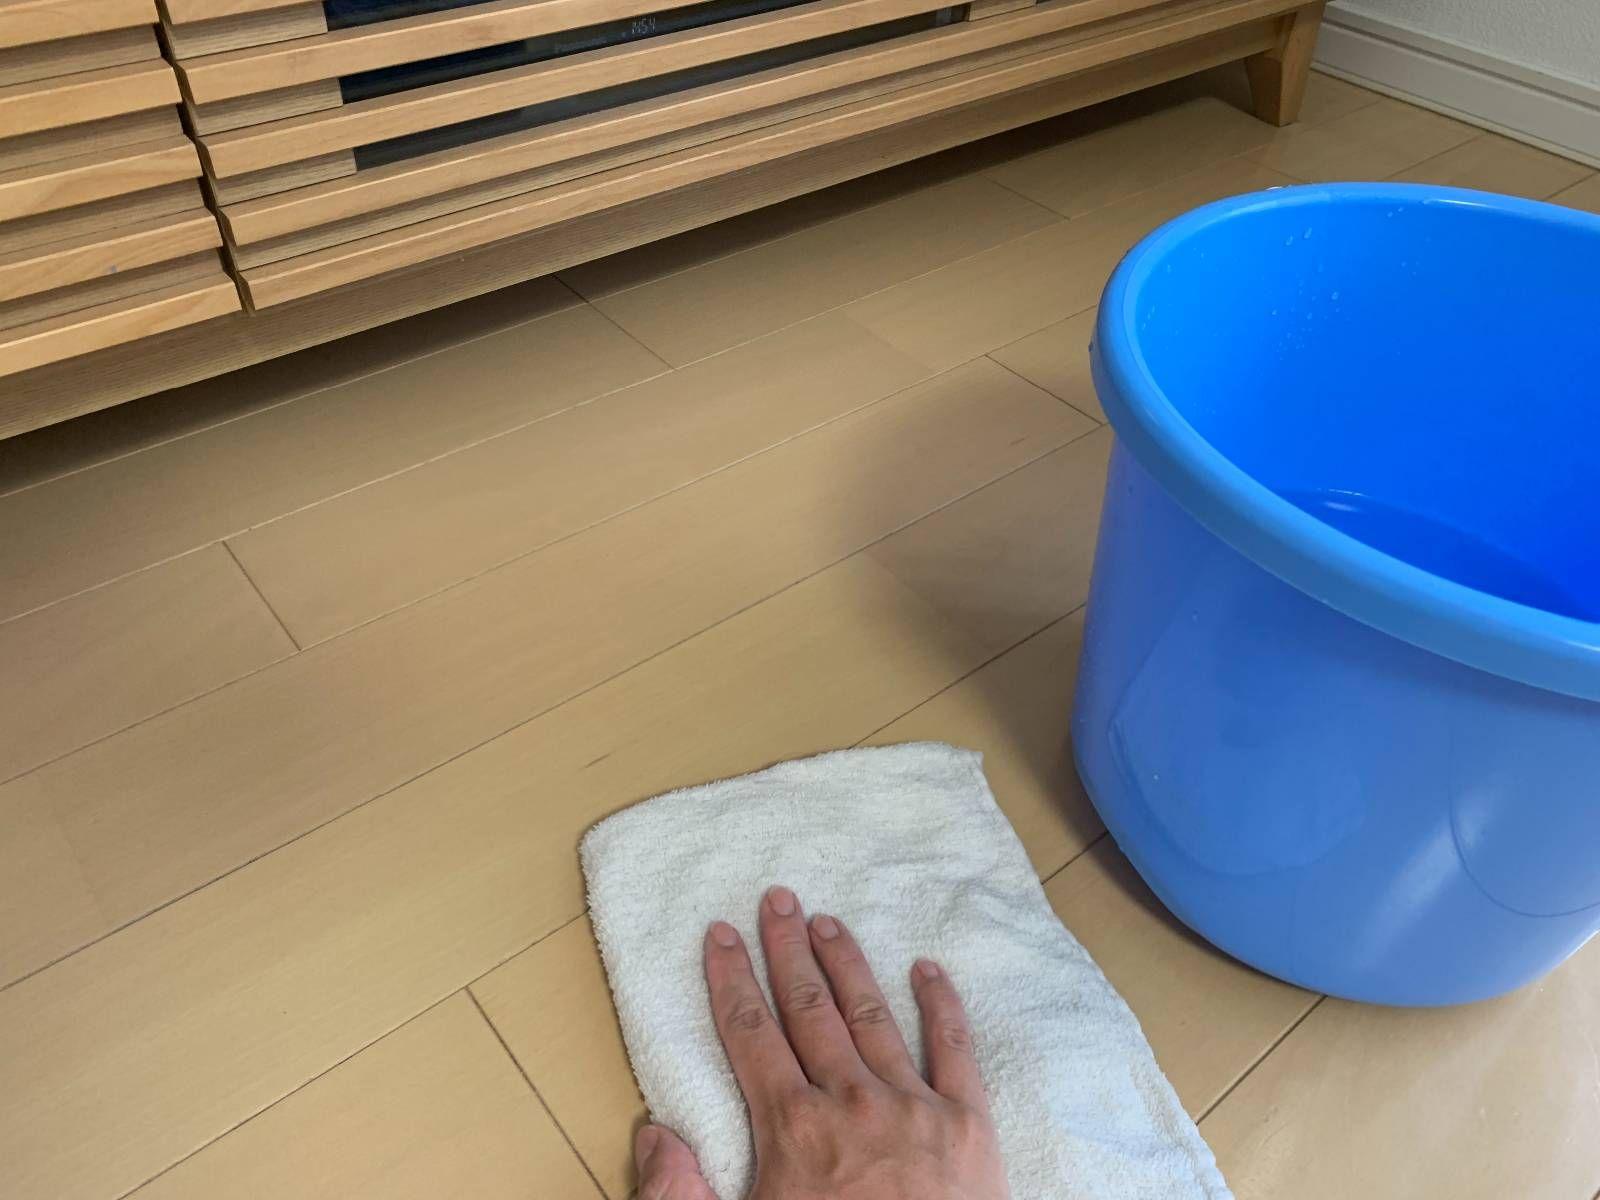 オキシクリーンで壁紙を掃除 フローリングもソファも リビングを丸ごときれいにする方法 壁紙 掃除 掃除 オキシクリーン